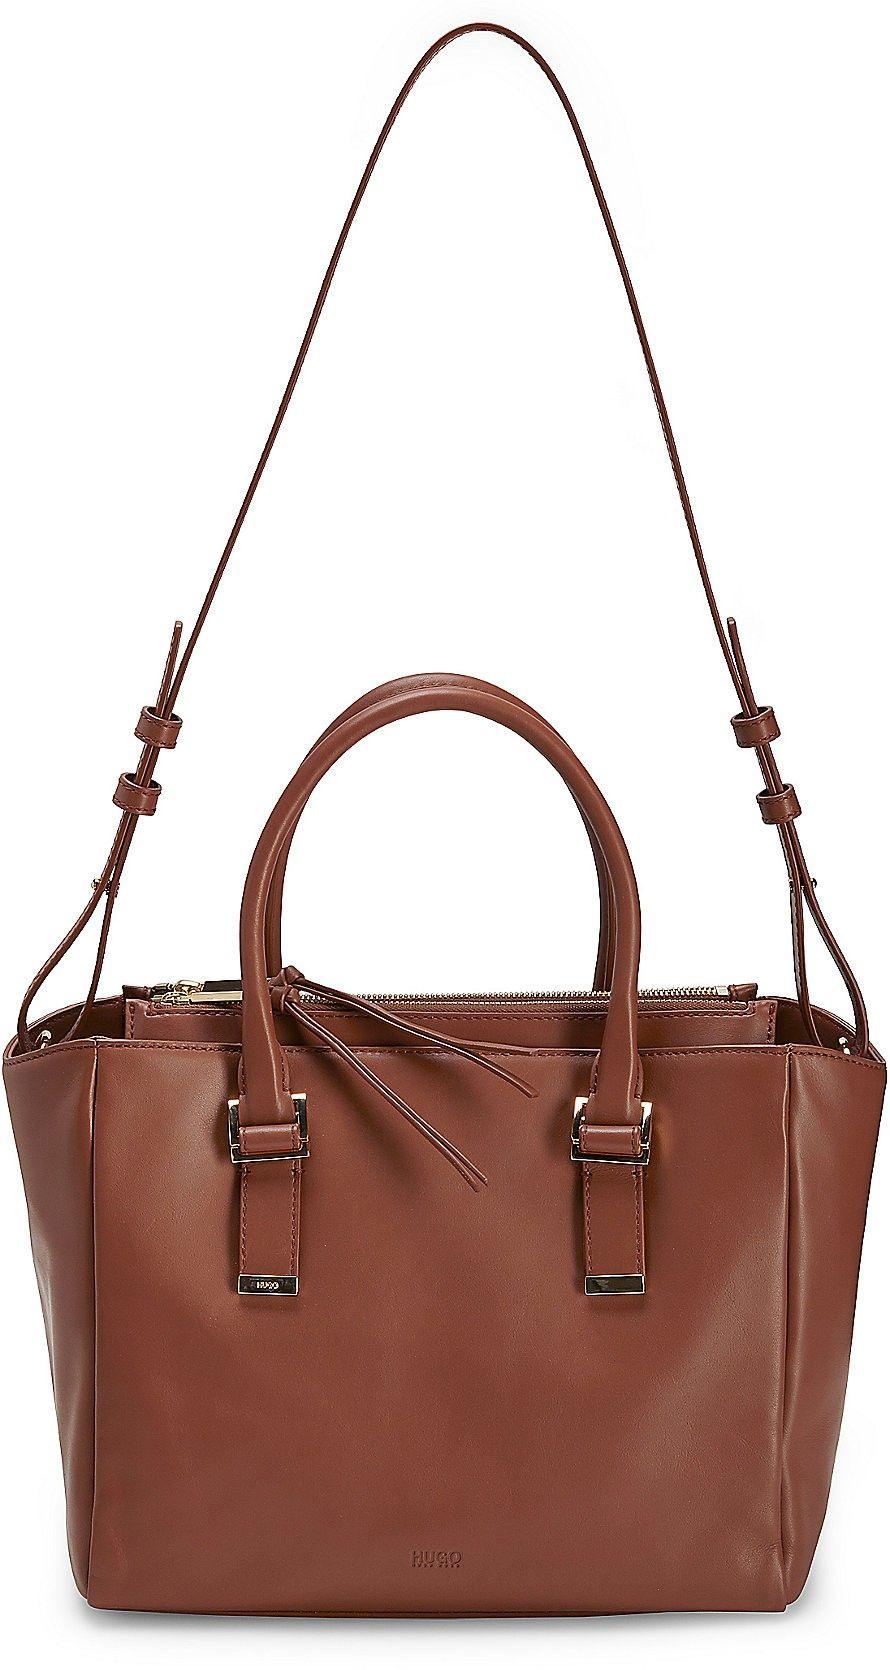 91e9dfeaf25d6 Tasche BREEZE von HUGO in braun mittel für Damen. Gr. 1 ...